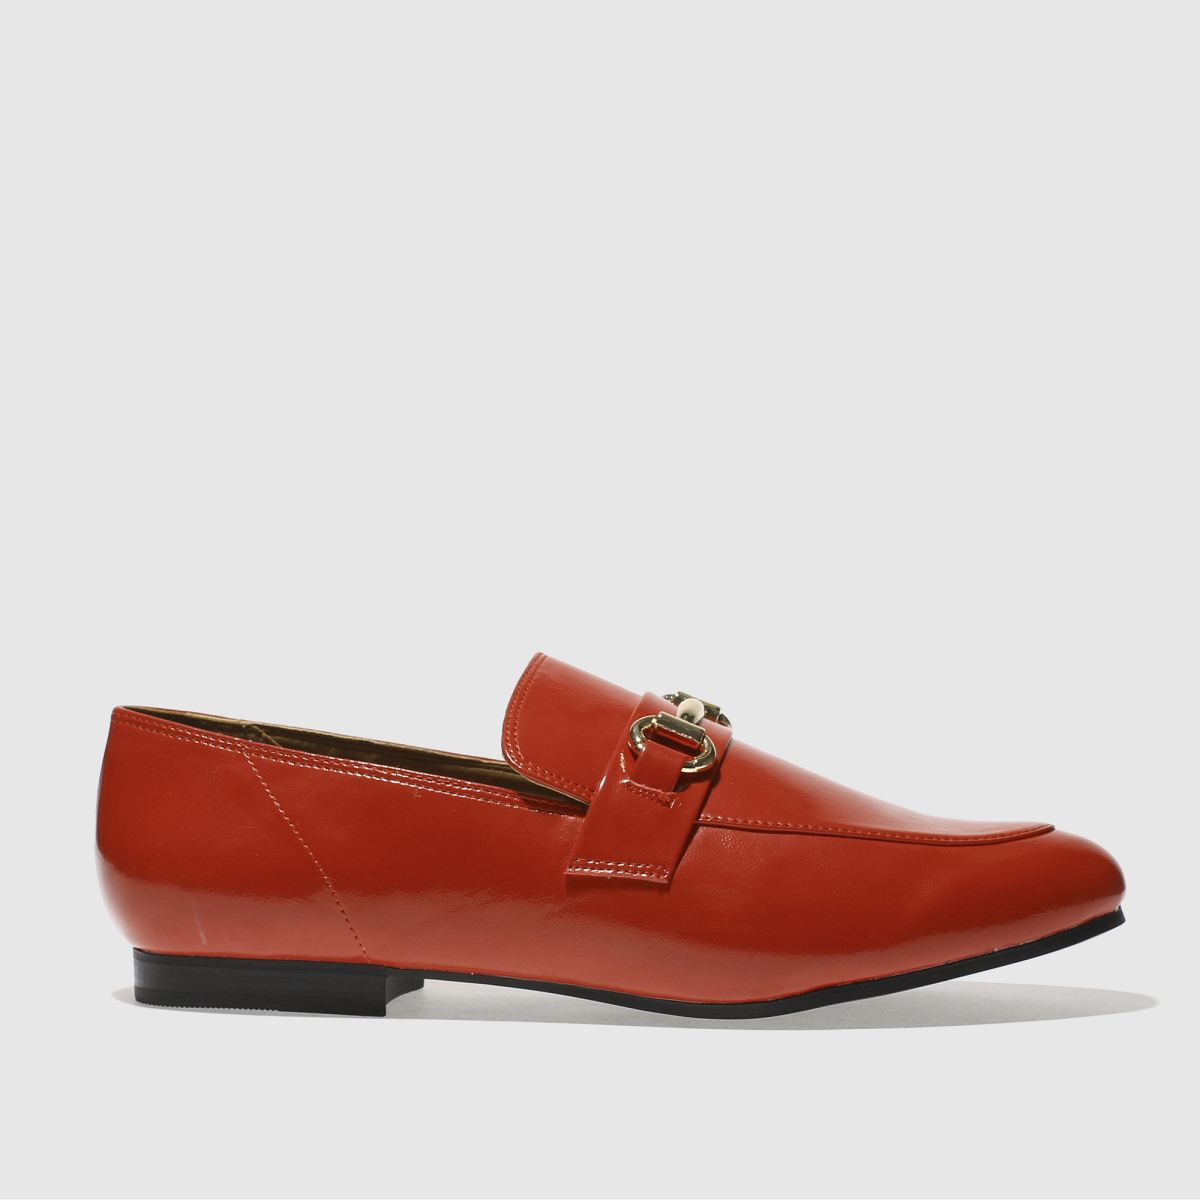 schuh red dapper flat shoes